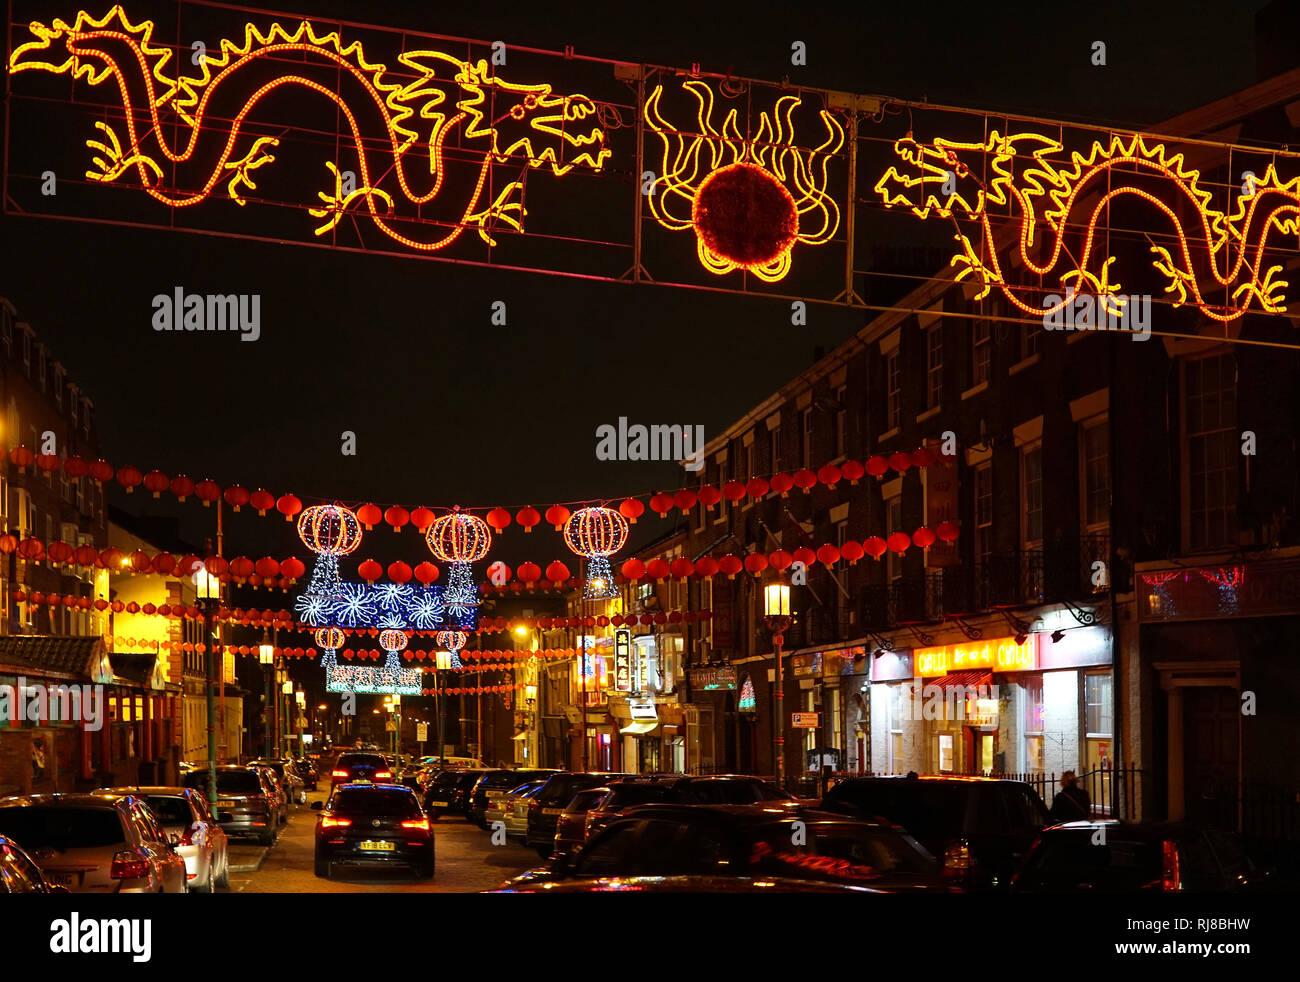 Liverpool, Royaume-Uni. 5 Février, 2019. Lanternes chinoises et feux colorés Nelson Street dans le quartier chinois de Liverpool pour le Nouvel An chinois. Credit: Pak Hung Chan/Alamy Live News Banque D'Images